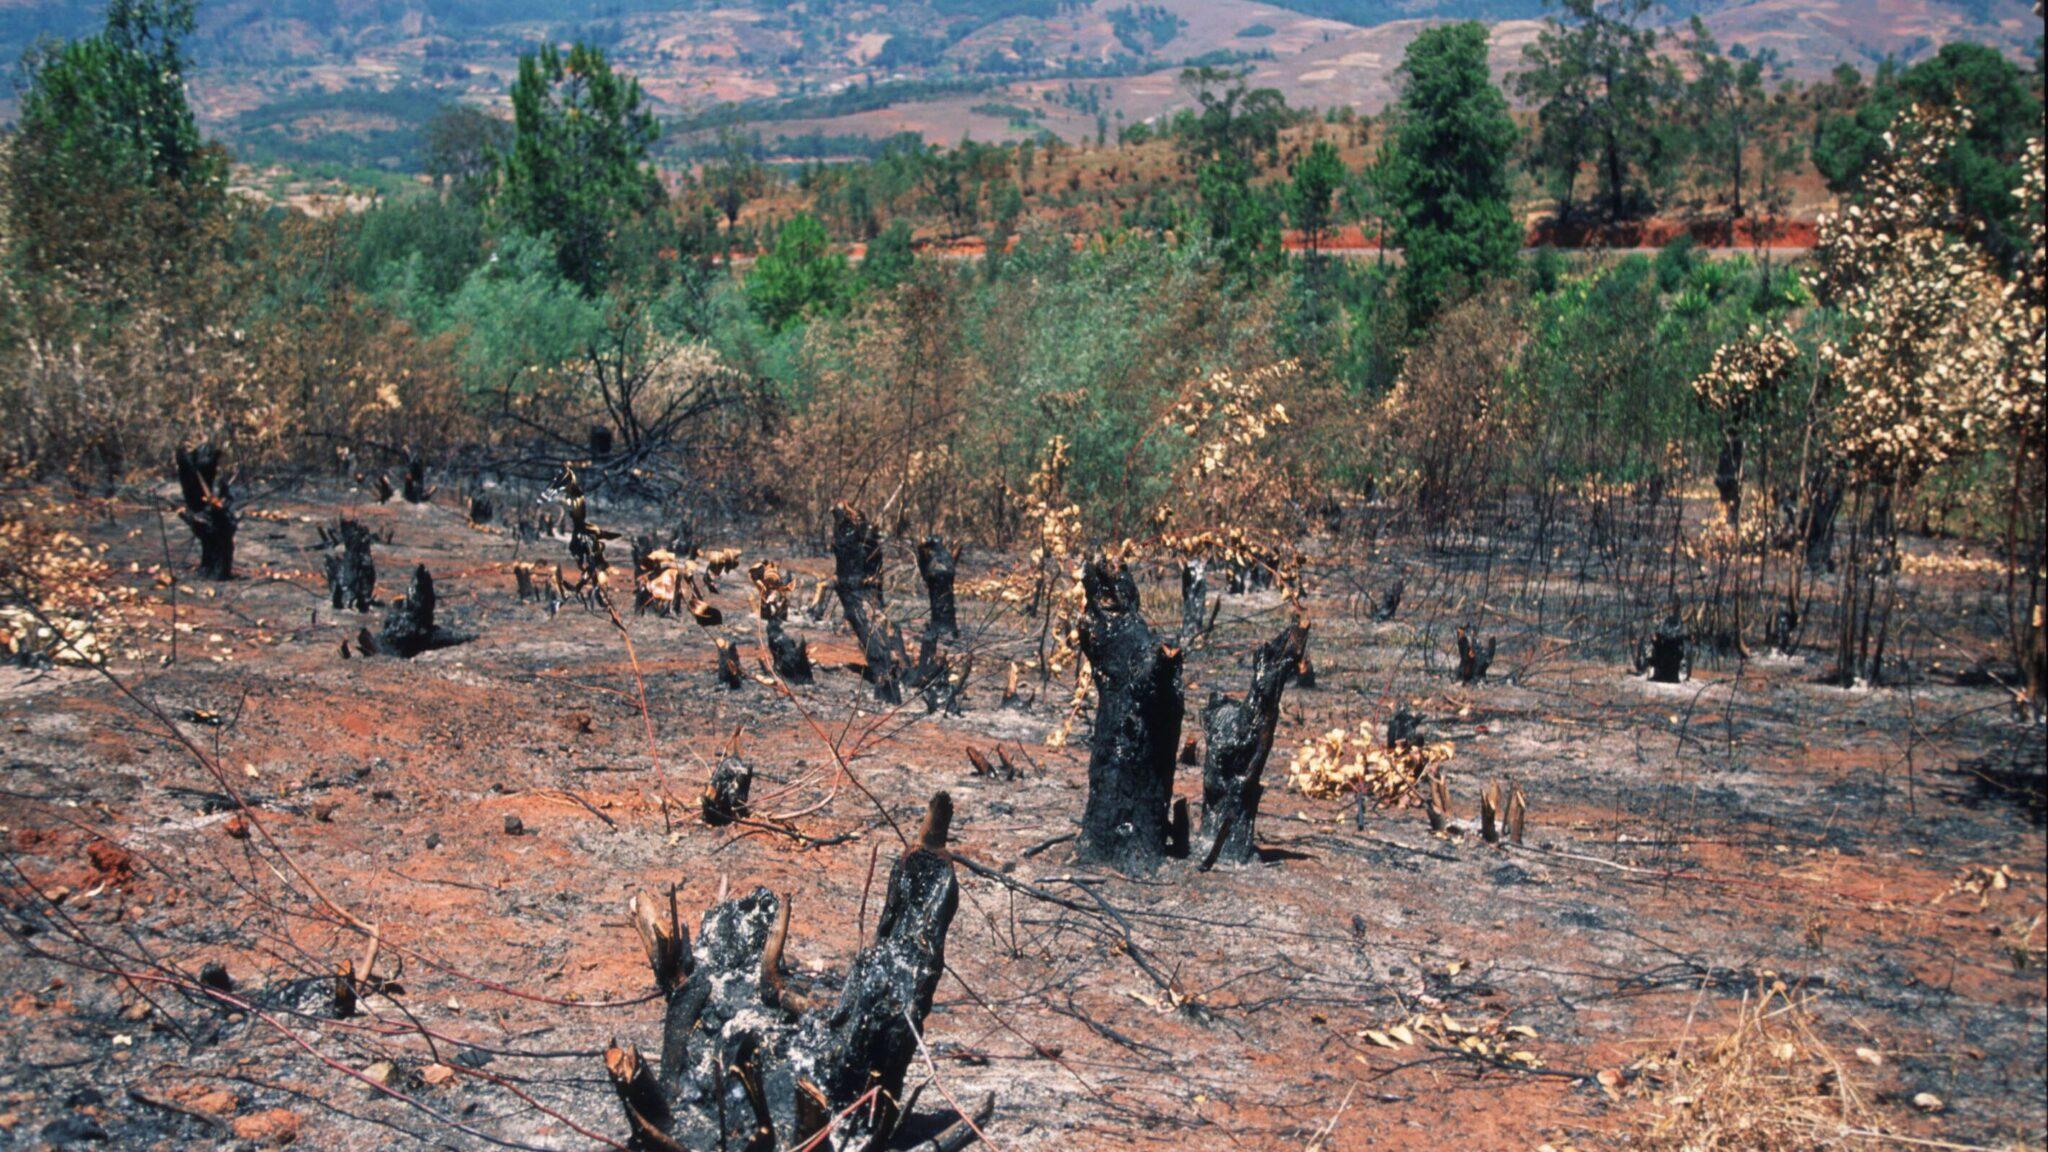 സ്ലാഷ് ആന്റ് ബേൺ ഫാമിംഗ്(Slash and burn farming)_50.1